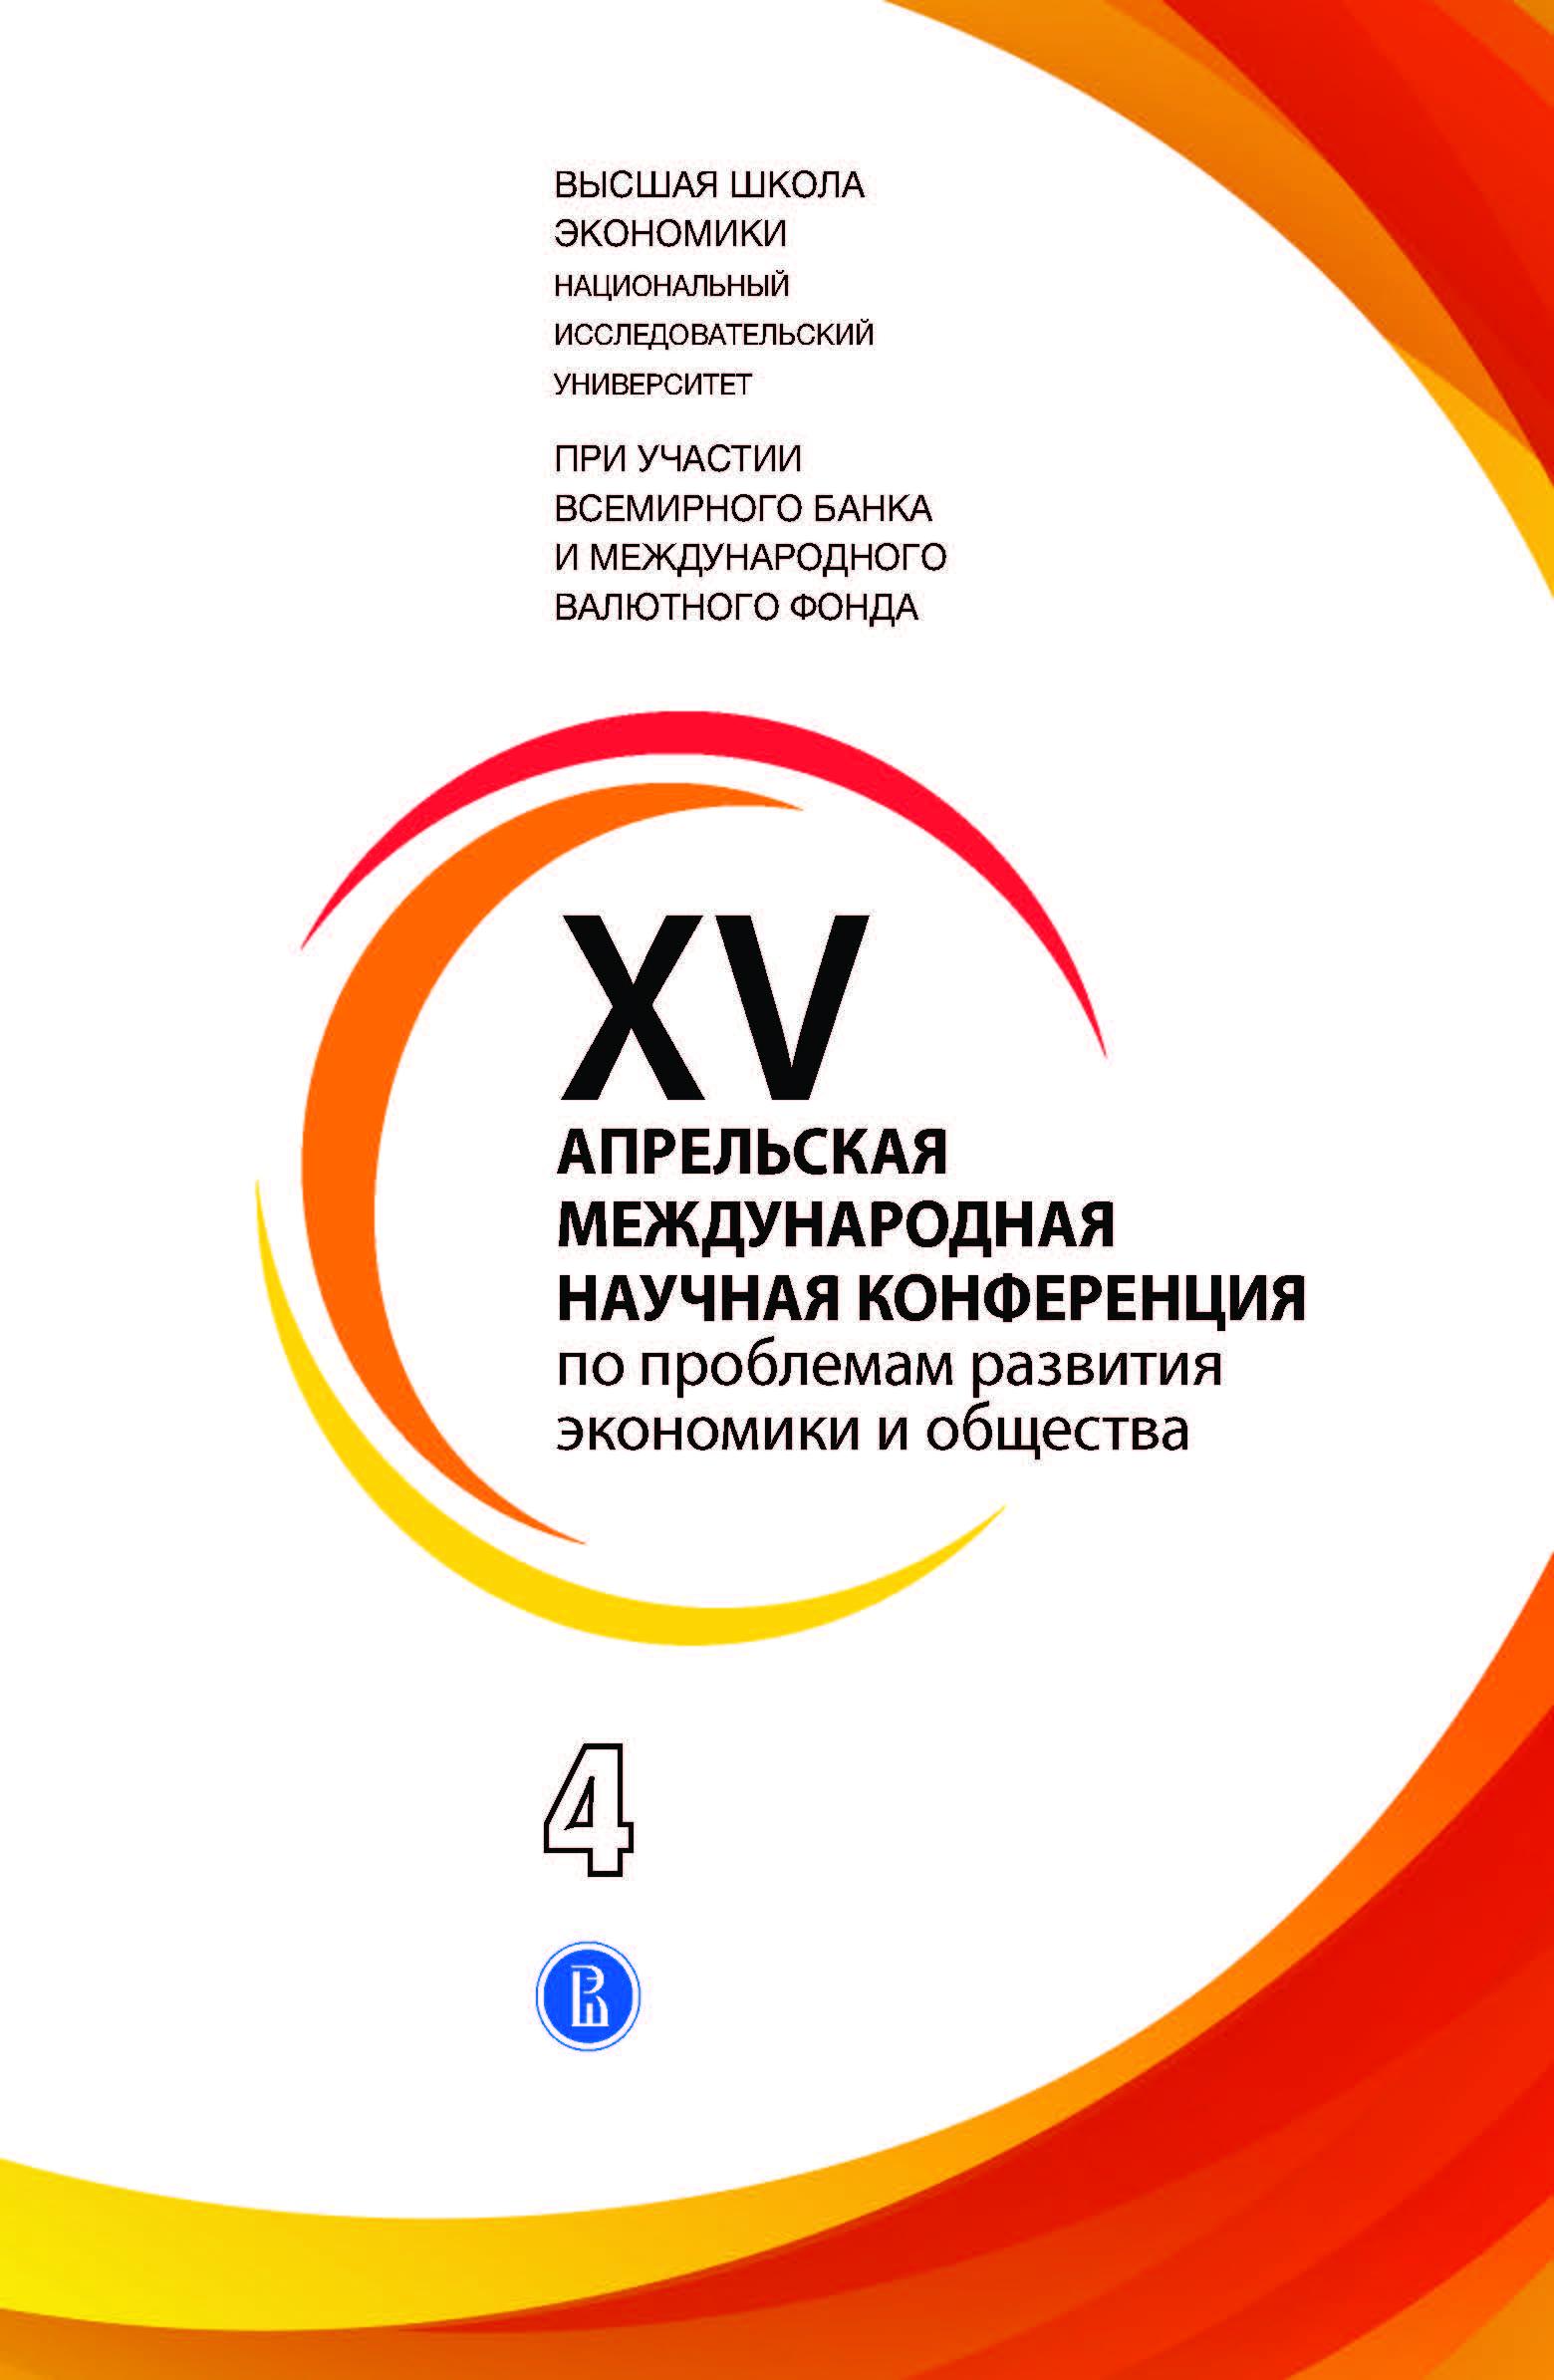 XV апрельская международная научная конференция по проблемам развития экономики и общества: в 4-х книгах